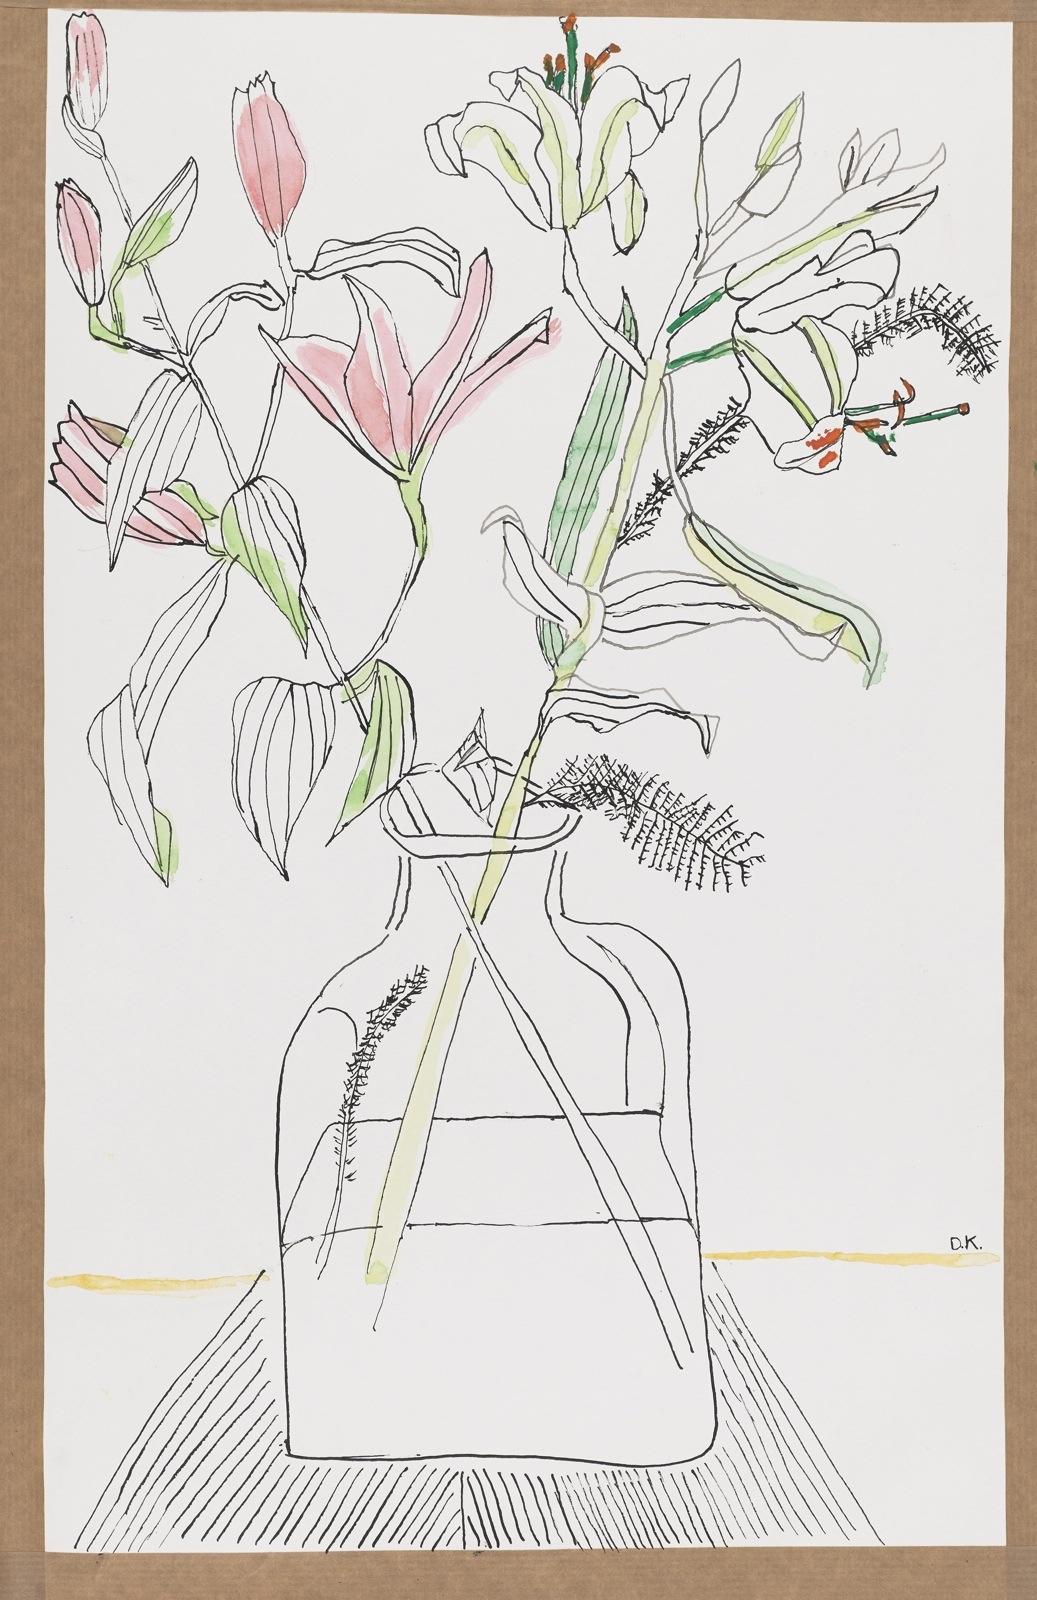 Dessin, encre de chine et aquarelle : Fleurs en bocal